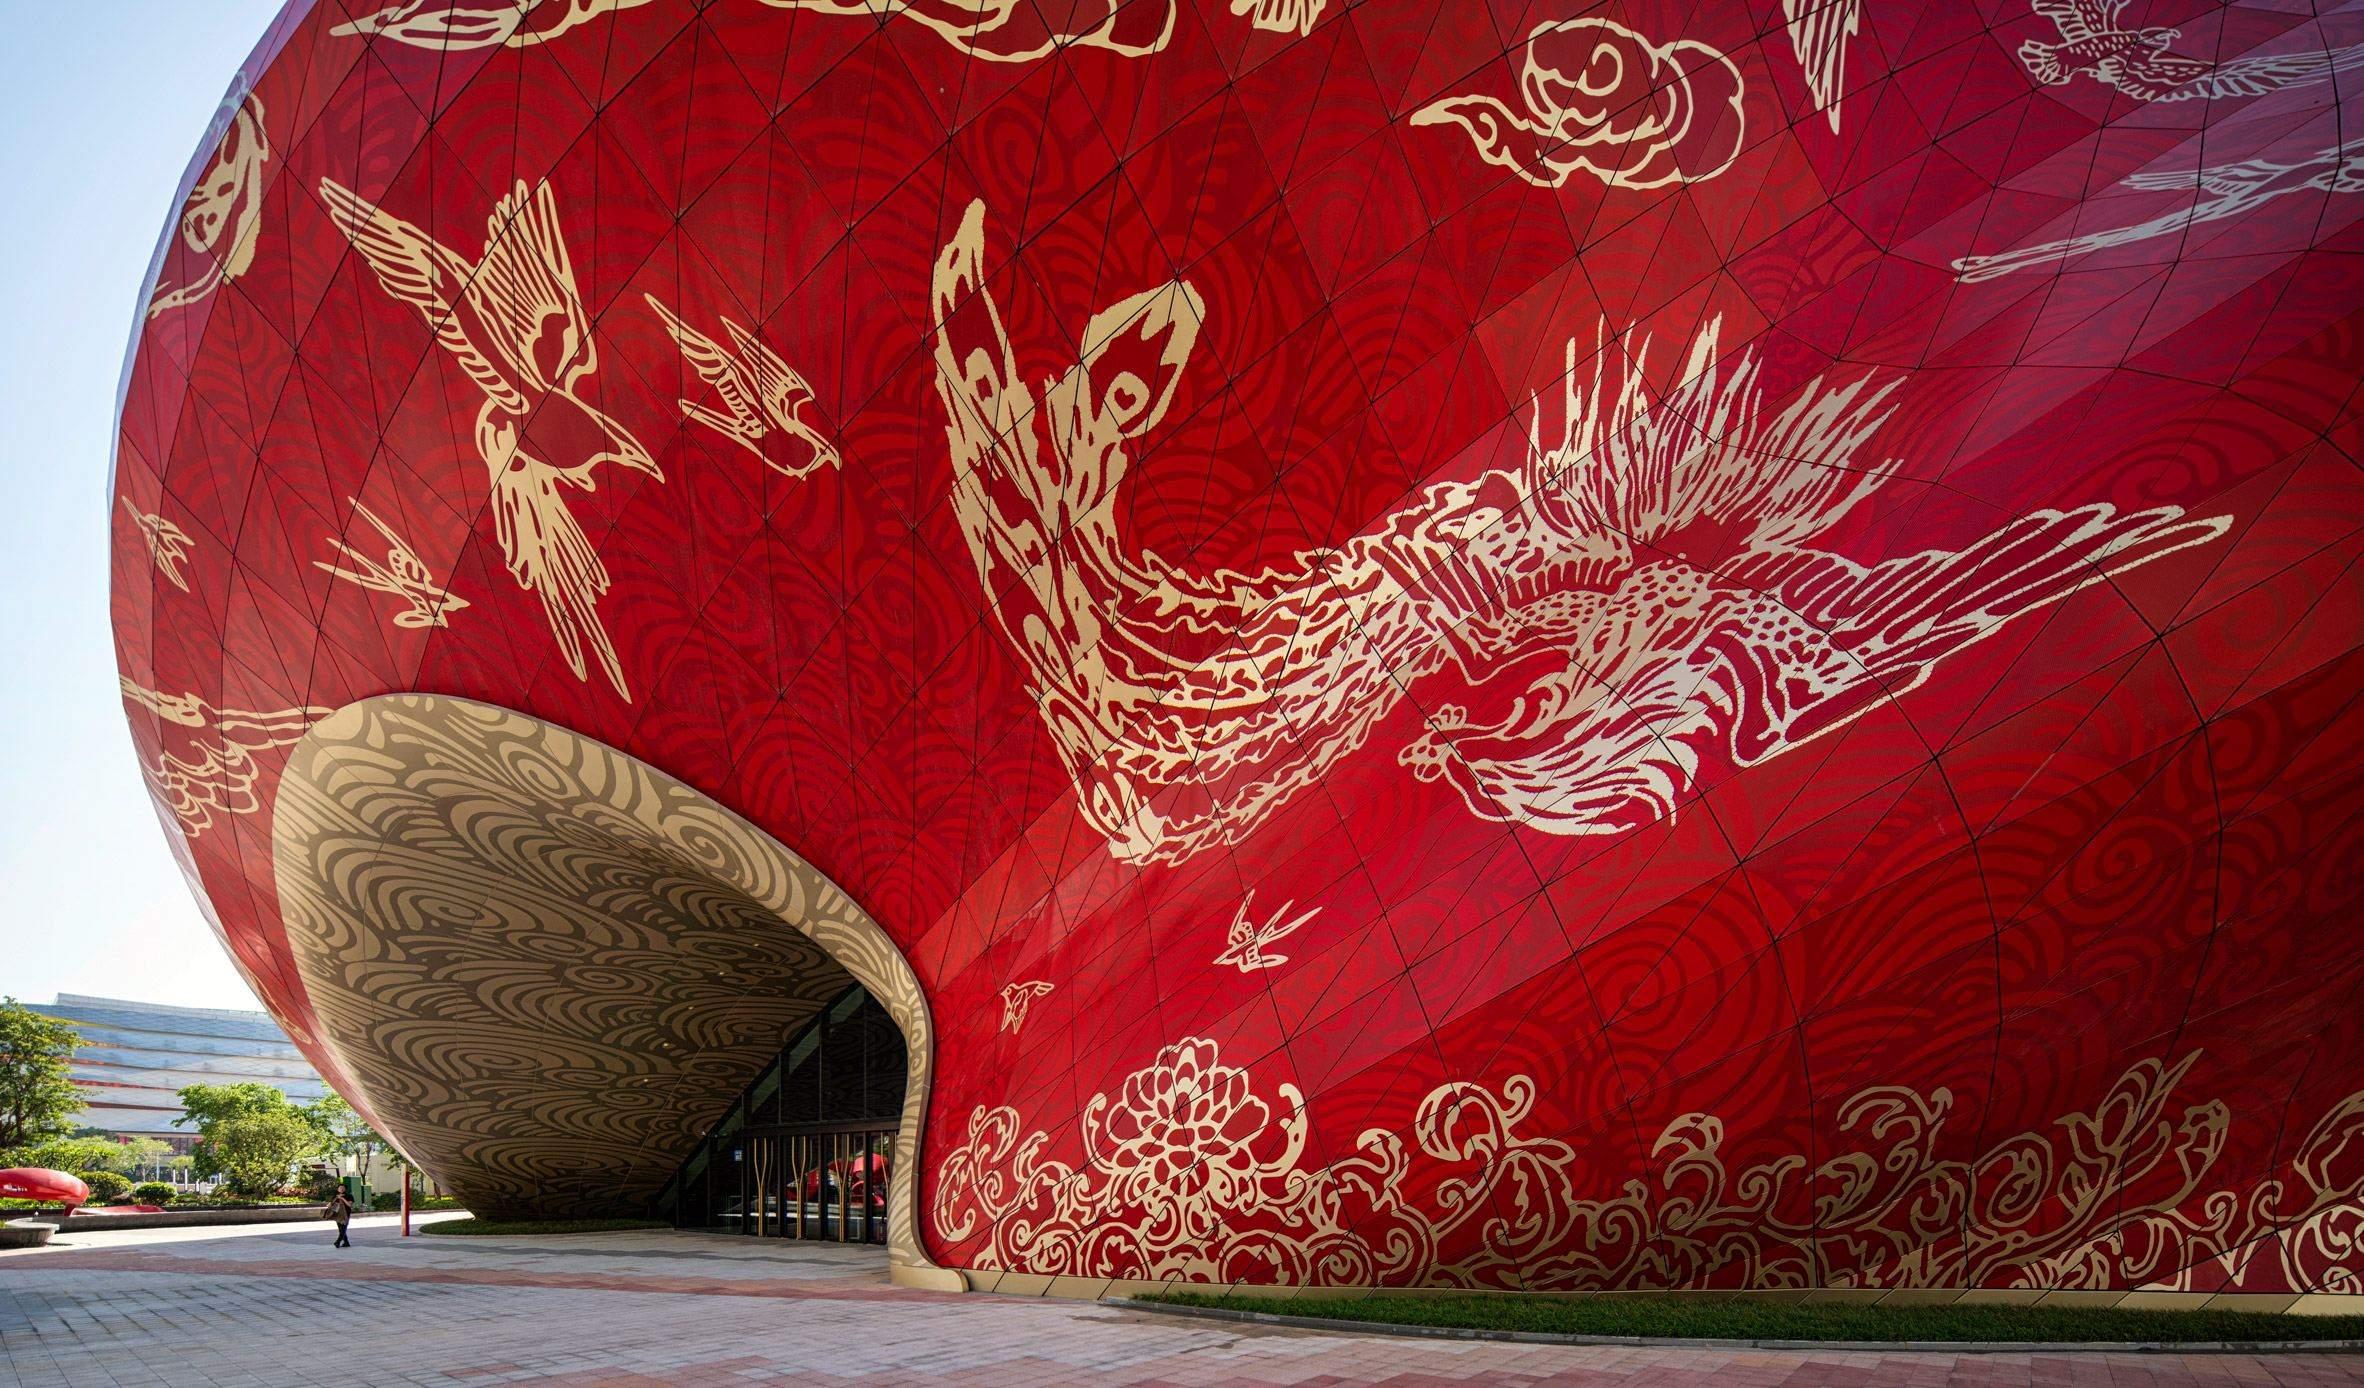 У театрі будуть представлені традиційні та сучасні види мистецва  / Фото Dezeen